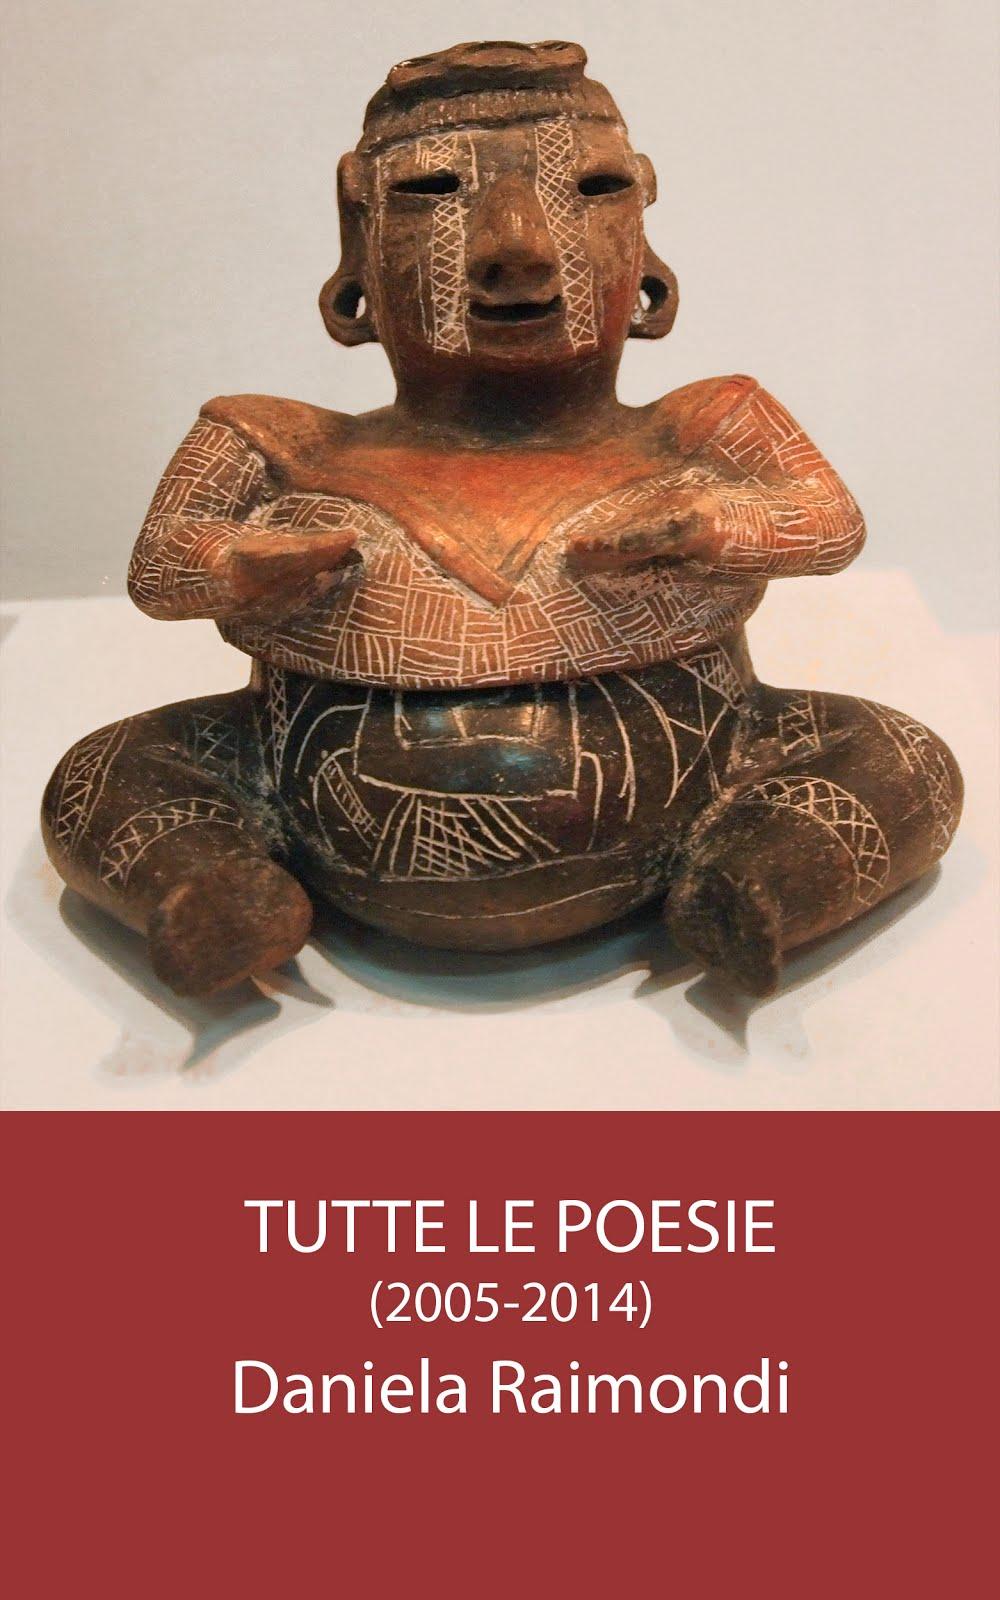 Tutte le poesie, 2005-2014